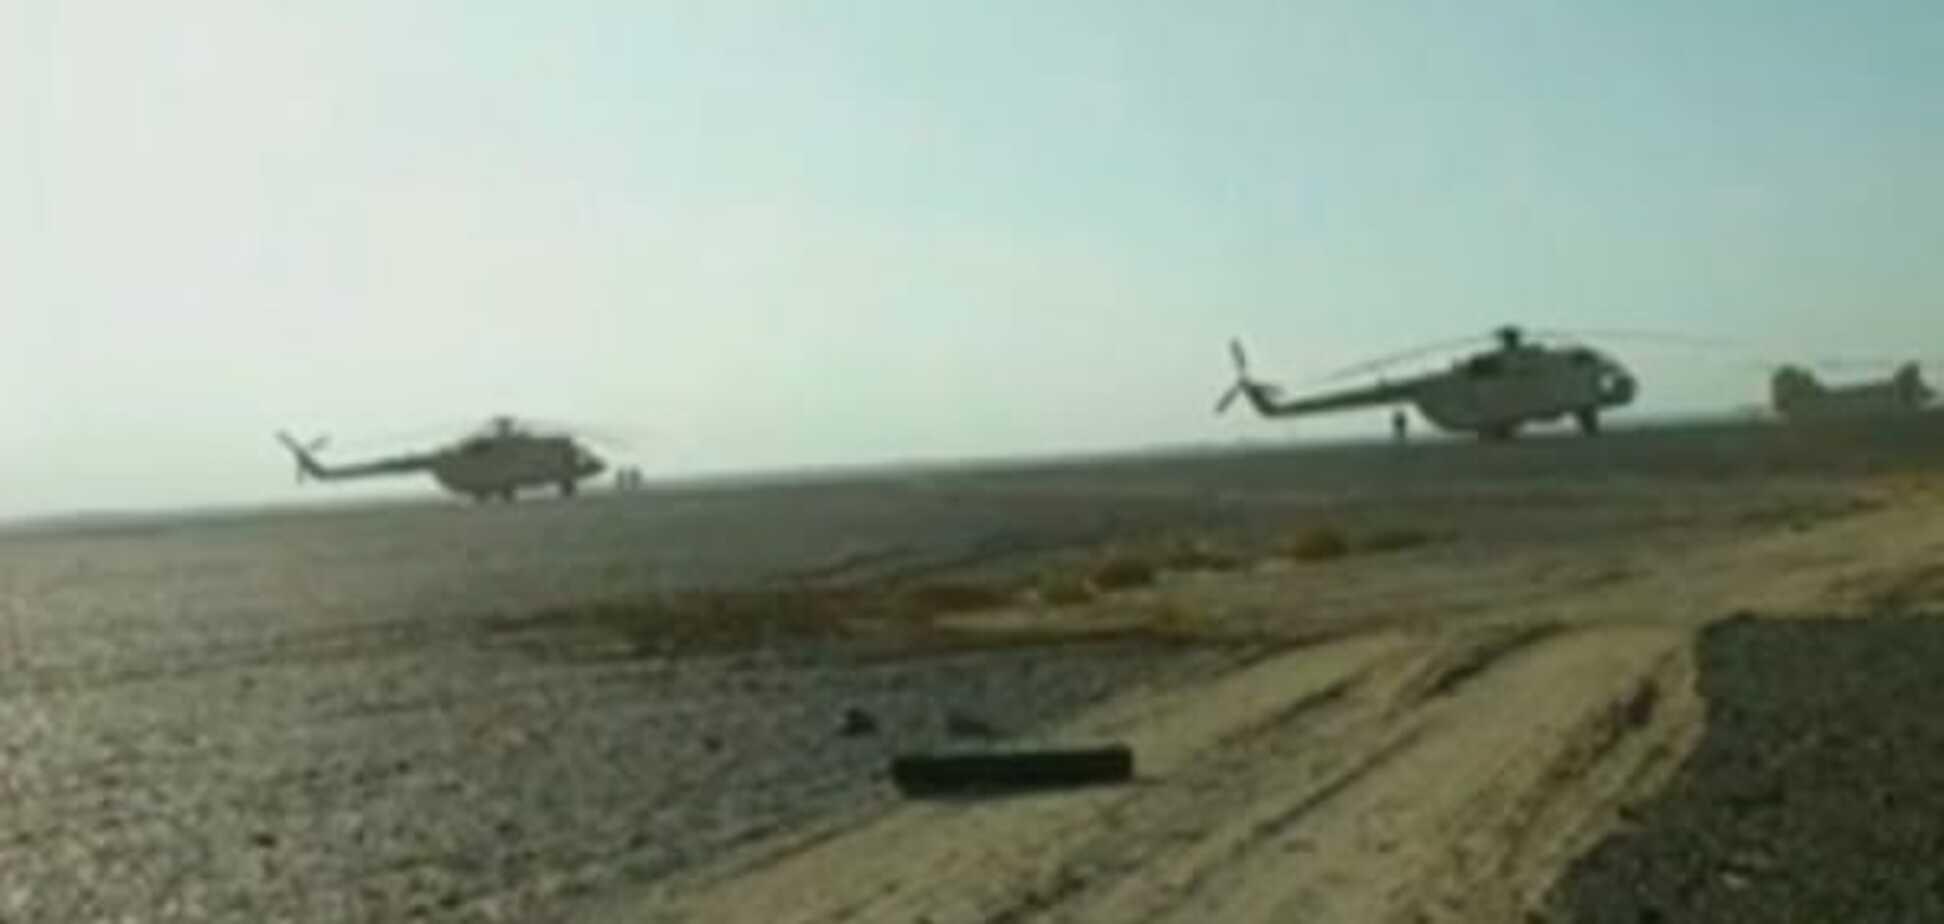 Опубликованы первые видео с места катастрофы Airbus A321 в Египте